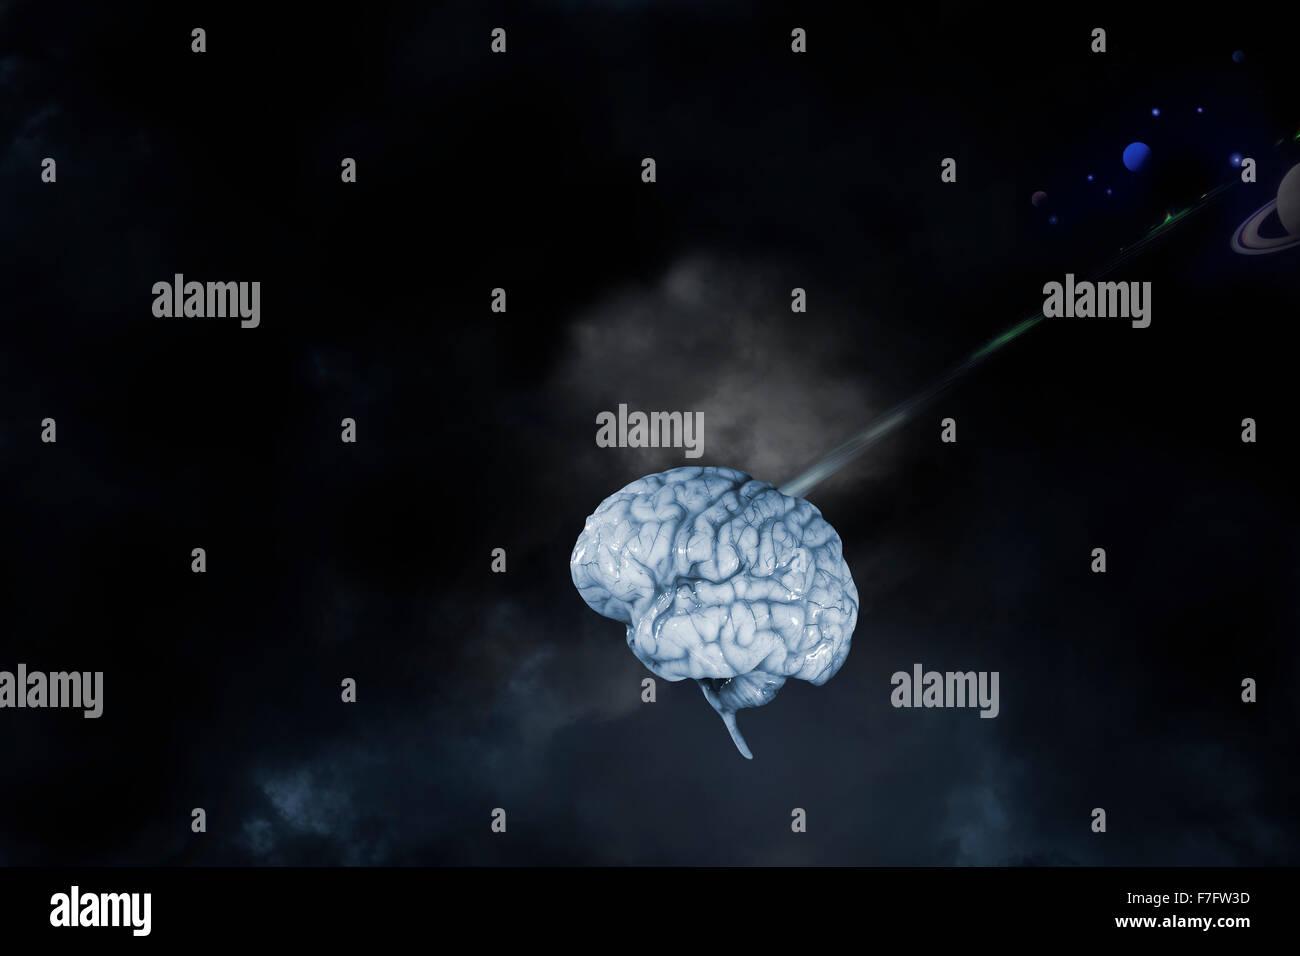 Cerveau humain dans l'espace, de communication Photo Stock